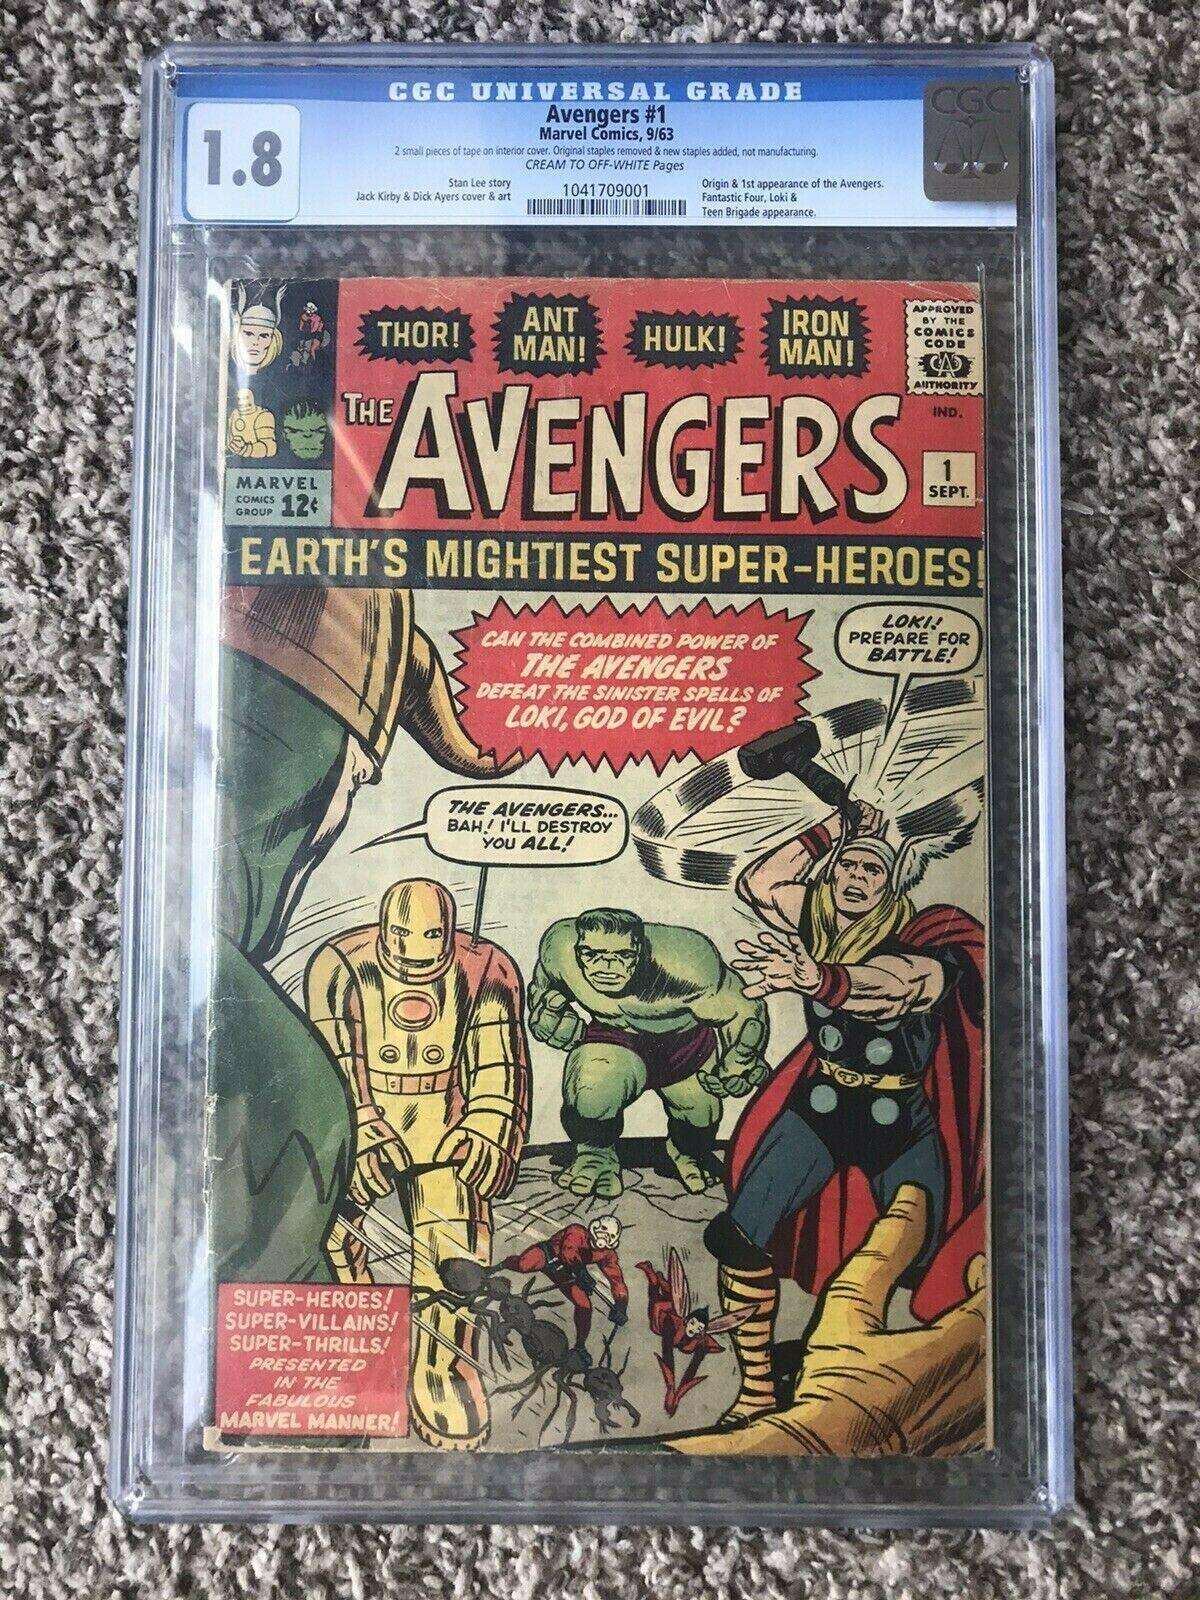 AVENGERS 1 CGC 18 Origin 1st App of Avengers See Description